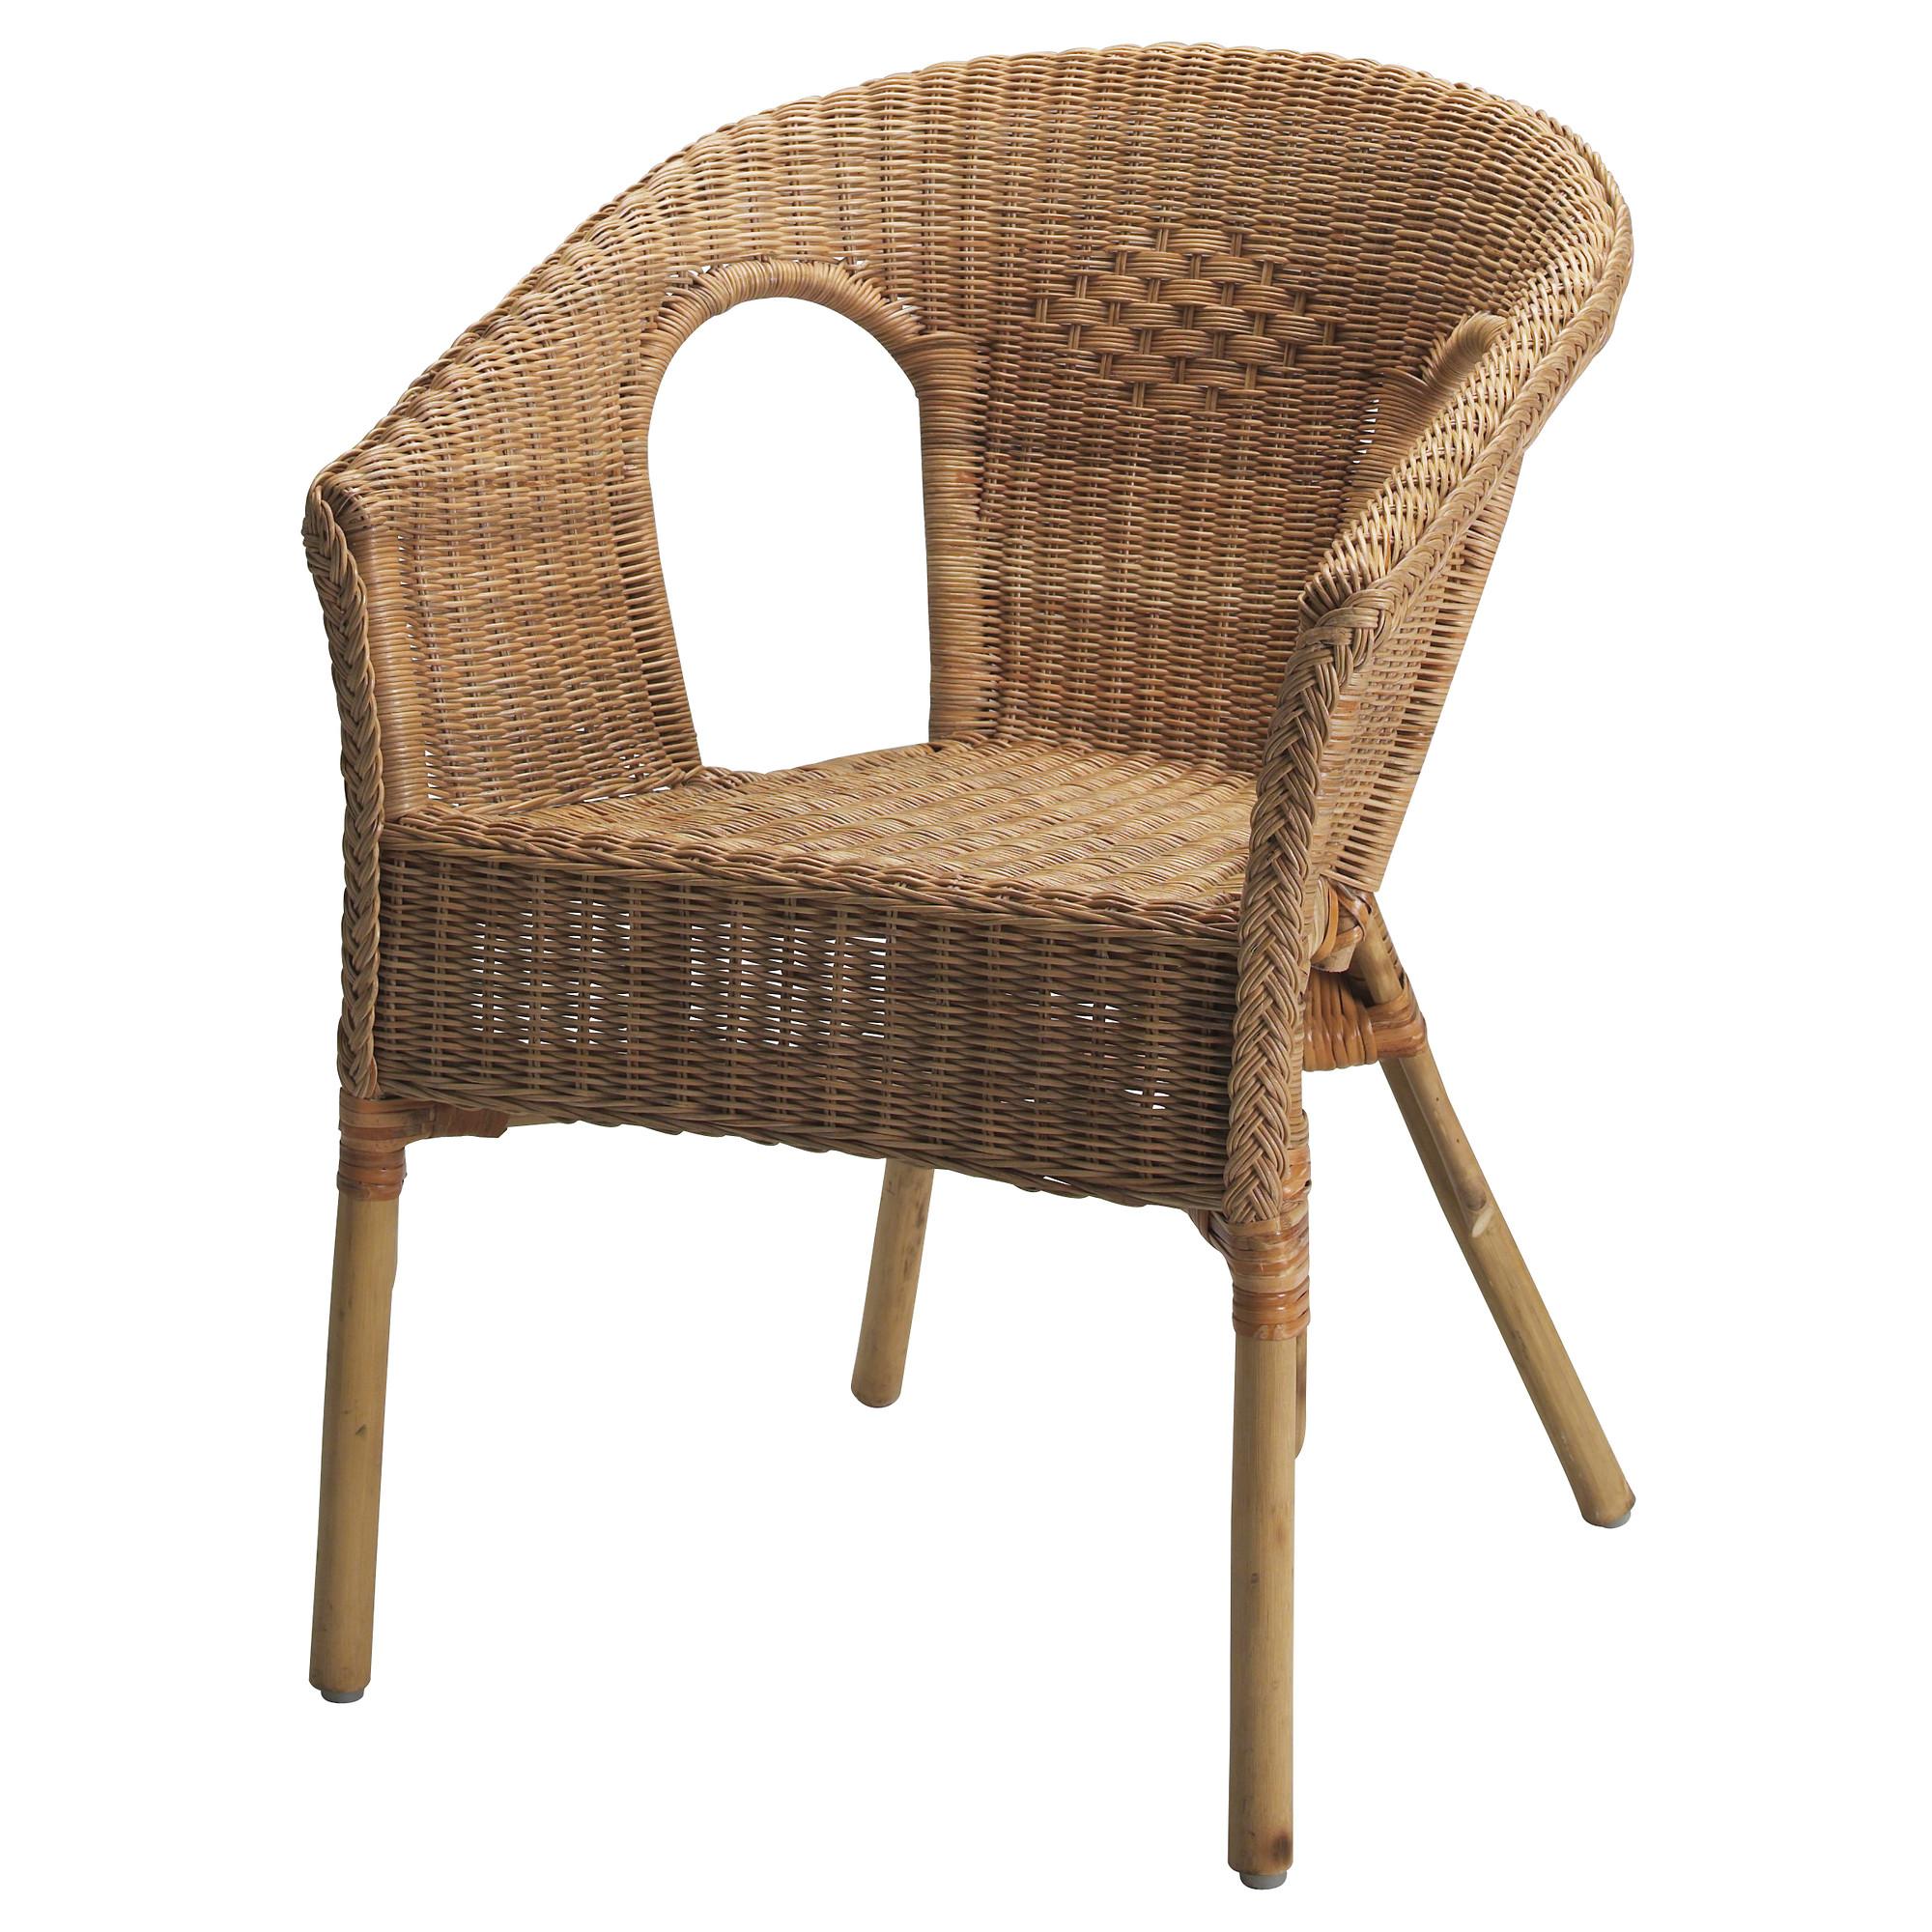 wicker chairs agen armchair - ikea PZKGJLS